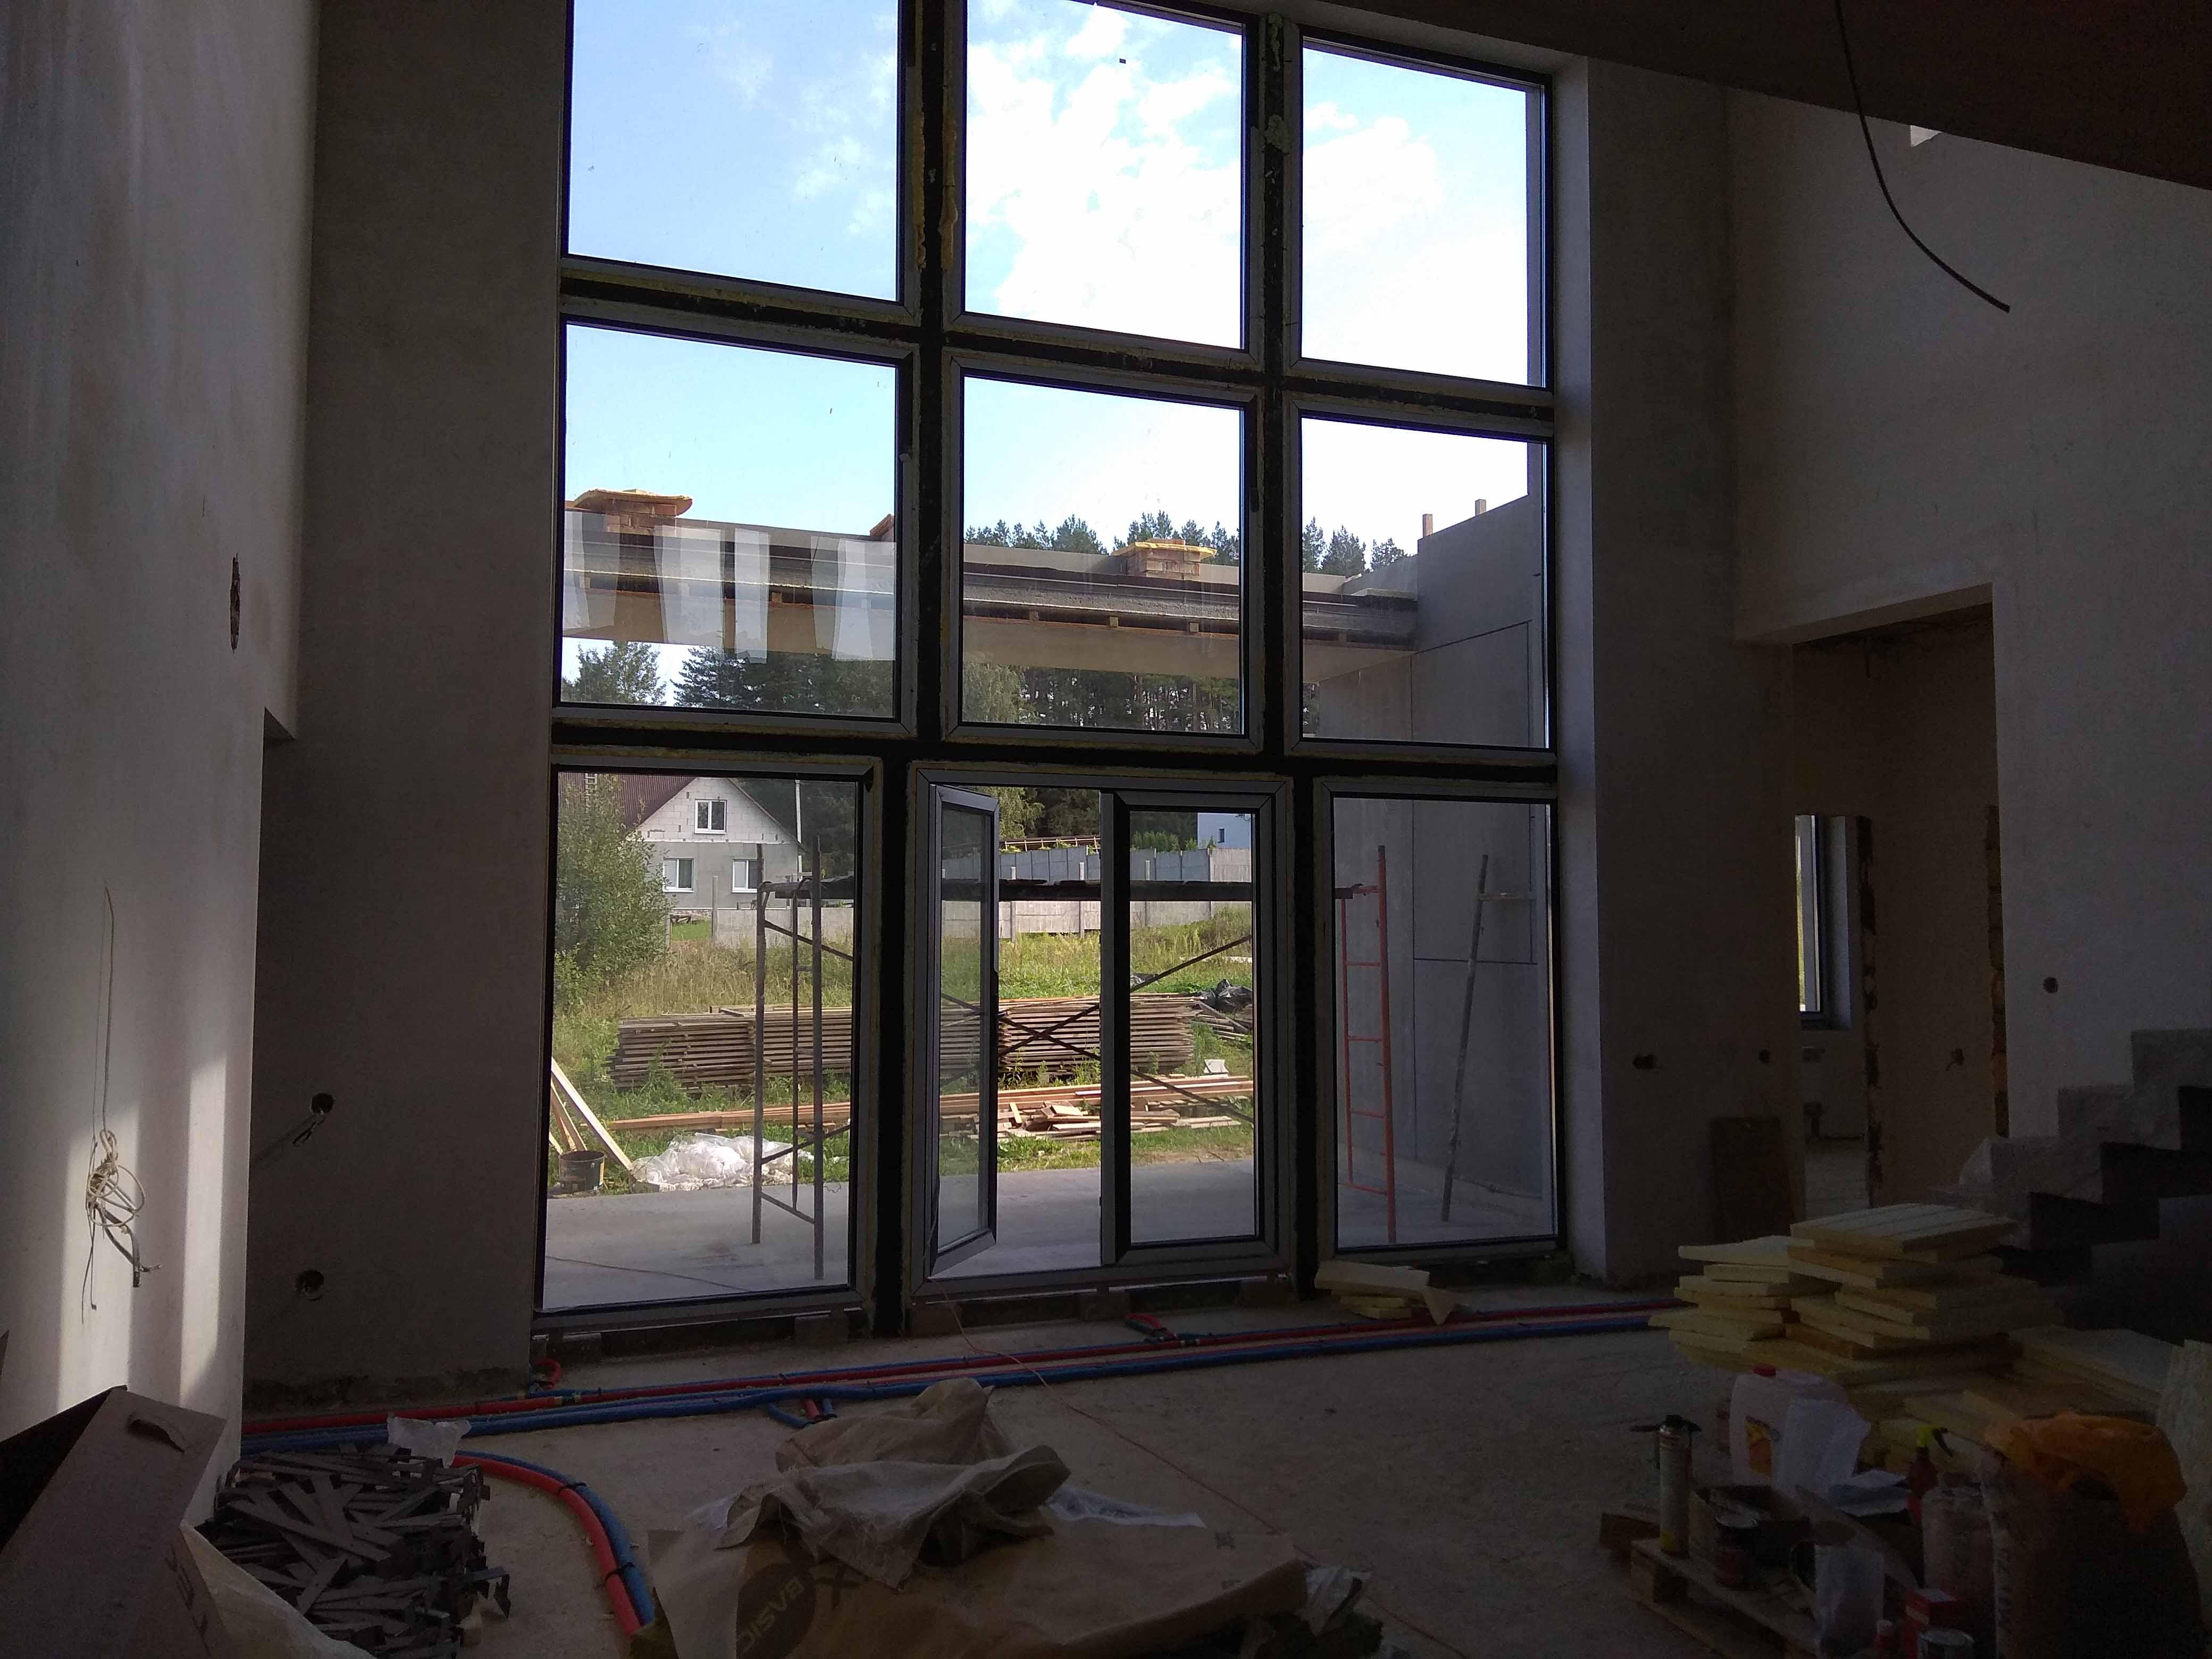 фото панорамного остекления дома со вторым светом